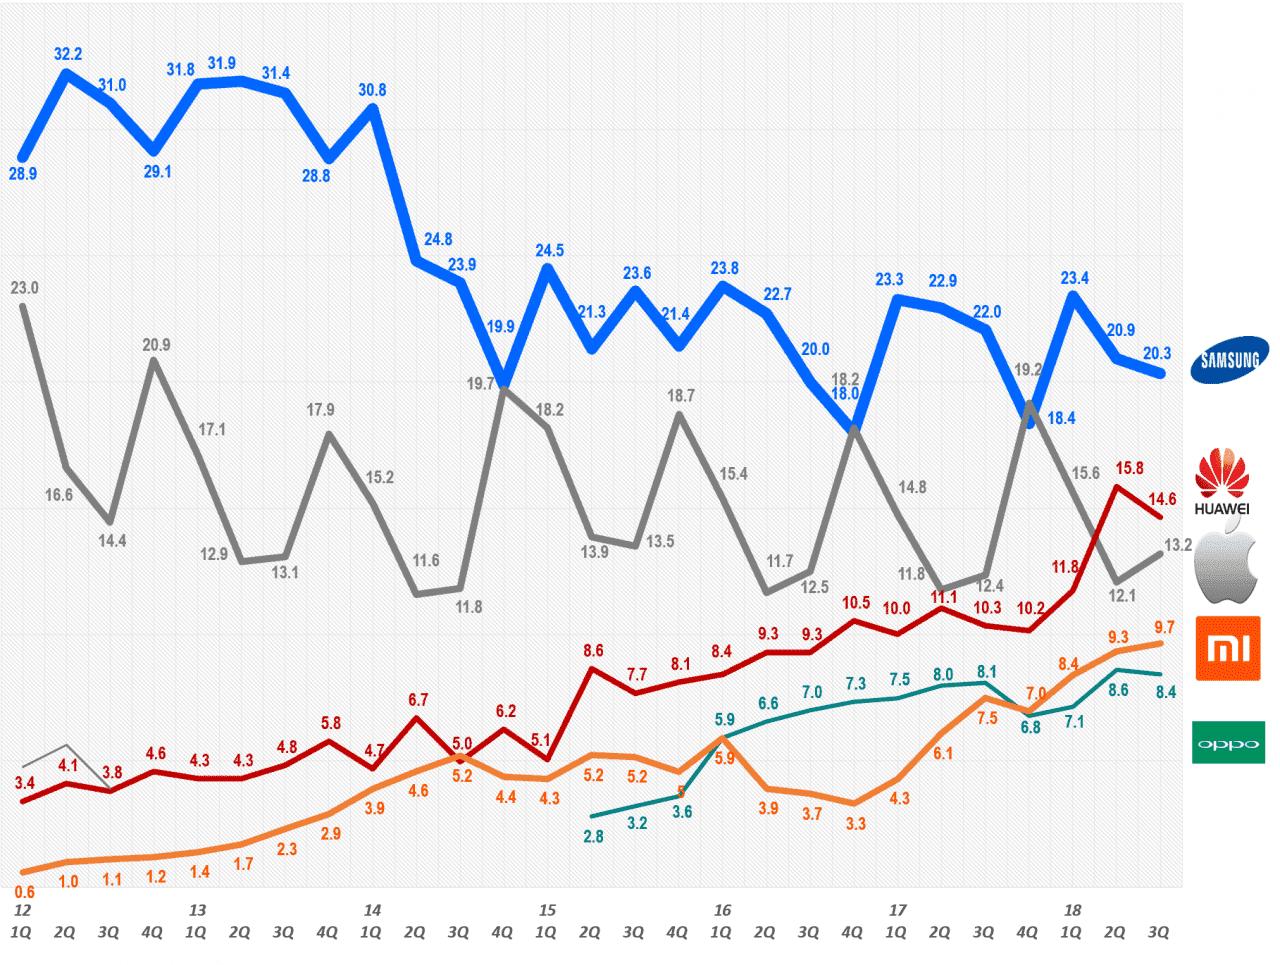 스마트폰 시장 점유율 추이 Smartphone Market share trend, Data Source - IDC, Graph by Happist